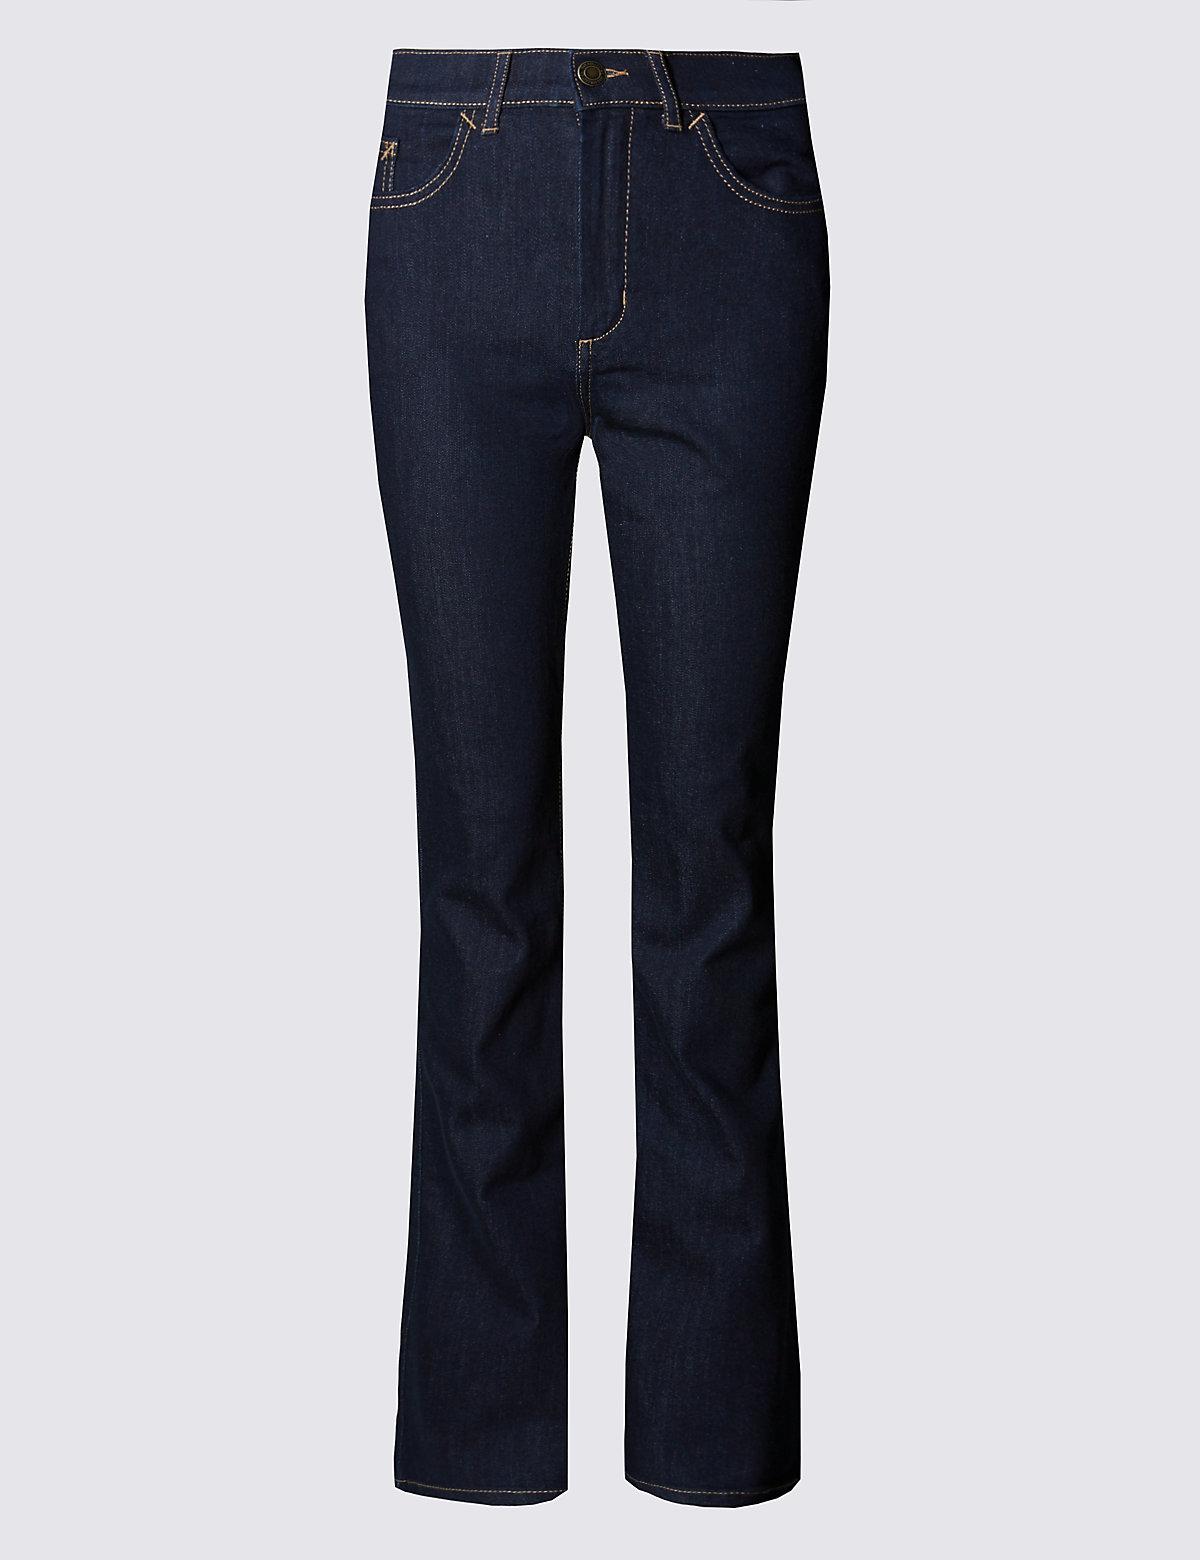 Тёмно-синие джинсы буткат